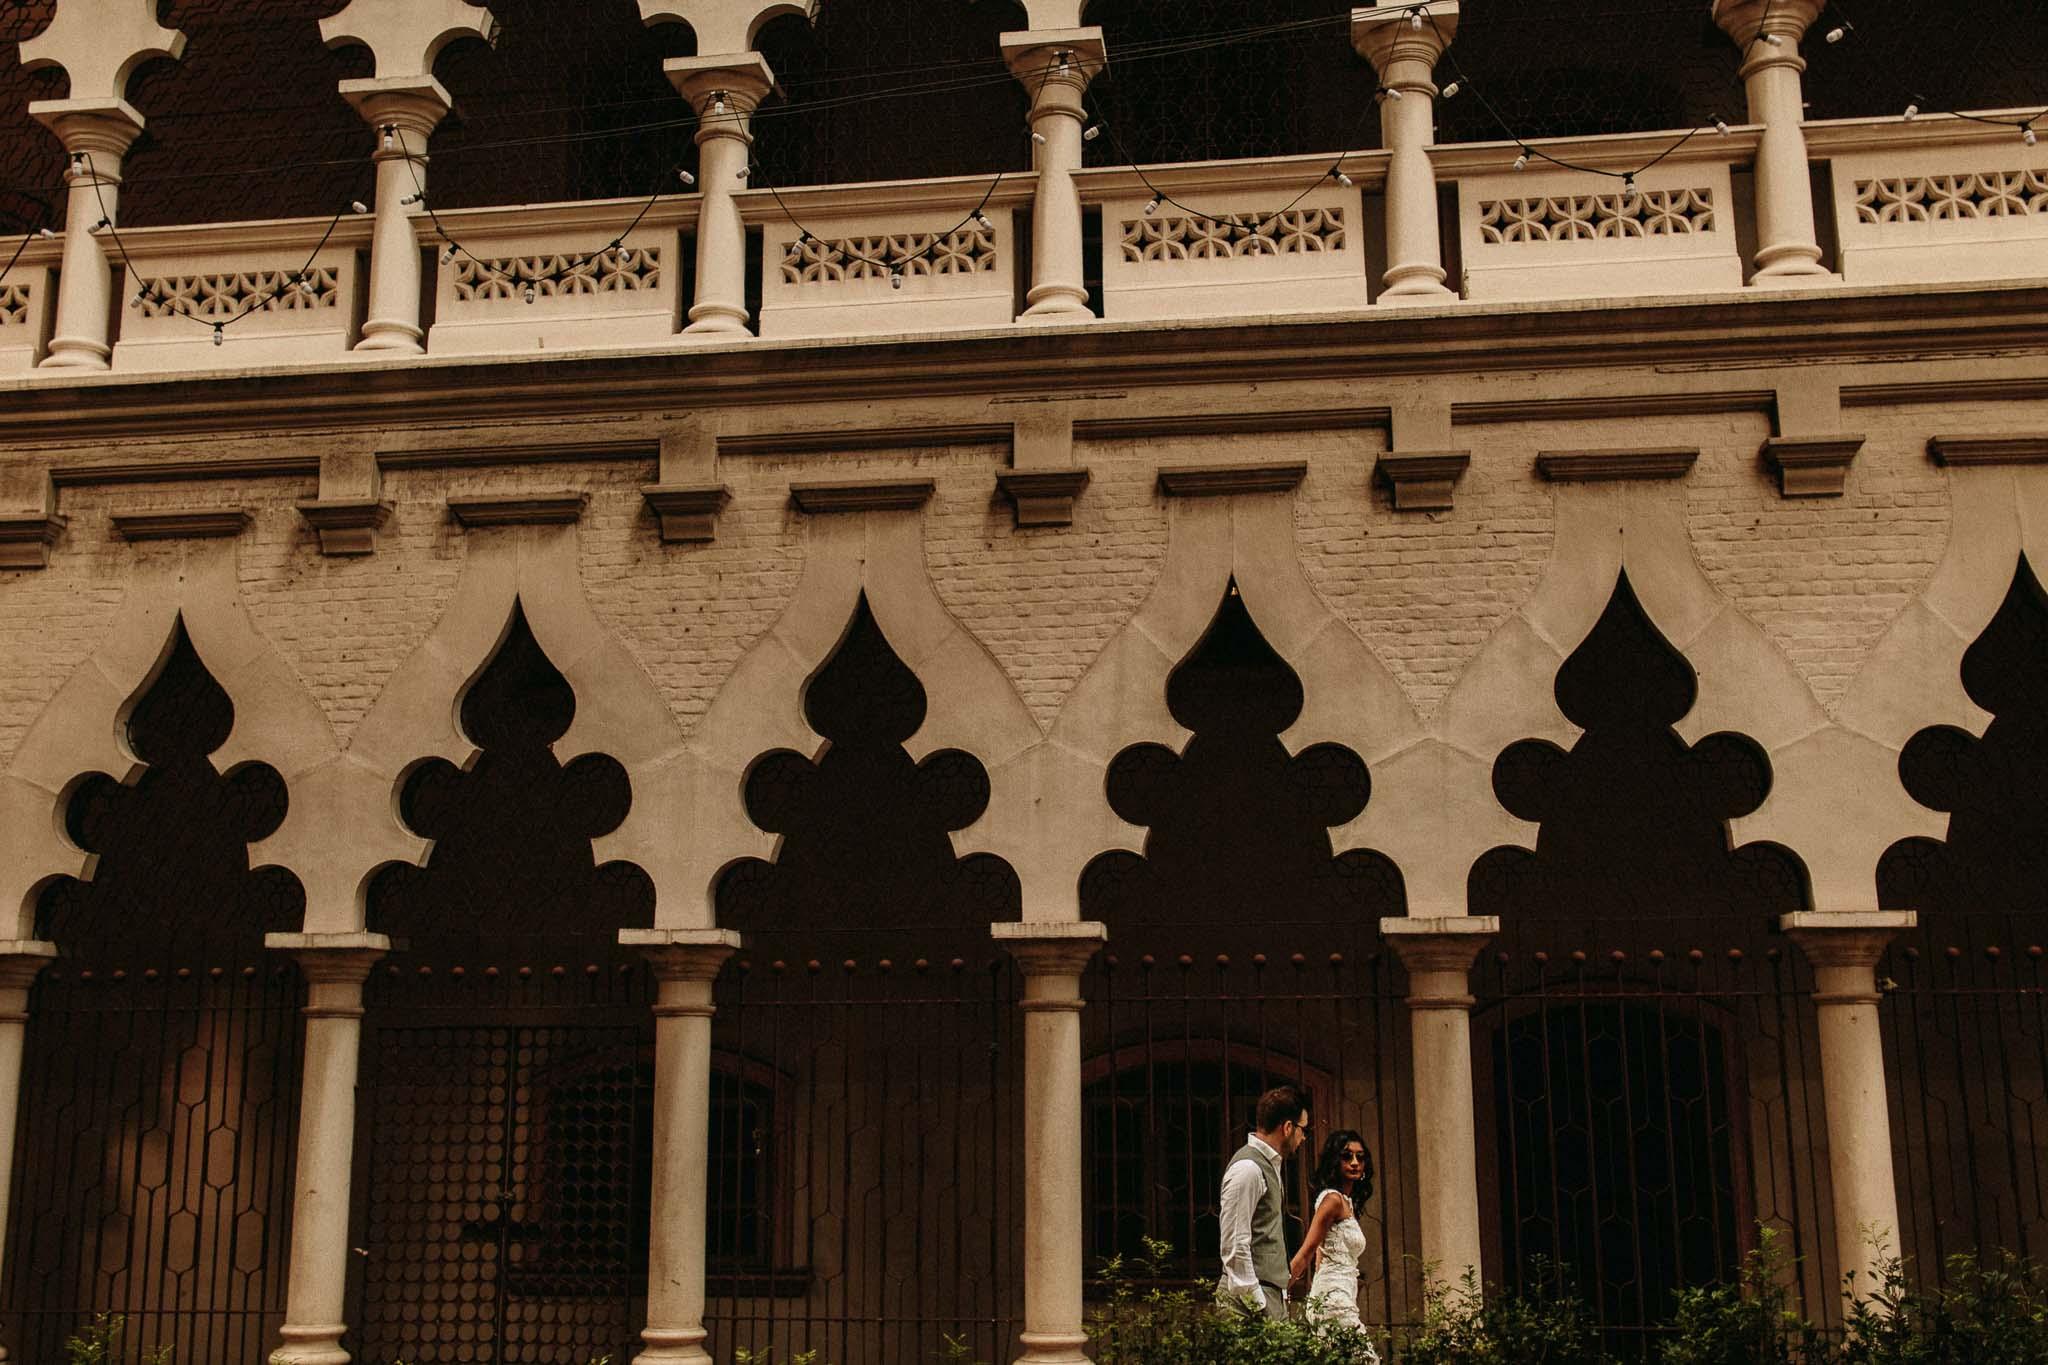 u&m-weddingsbyqay-lovesession-destinationweddingphotographer (130 of 160).jpg